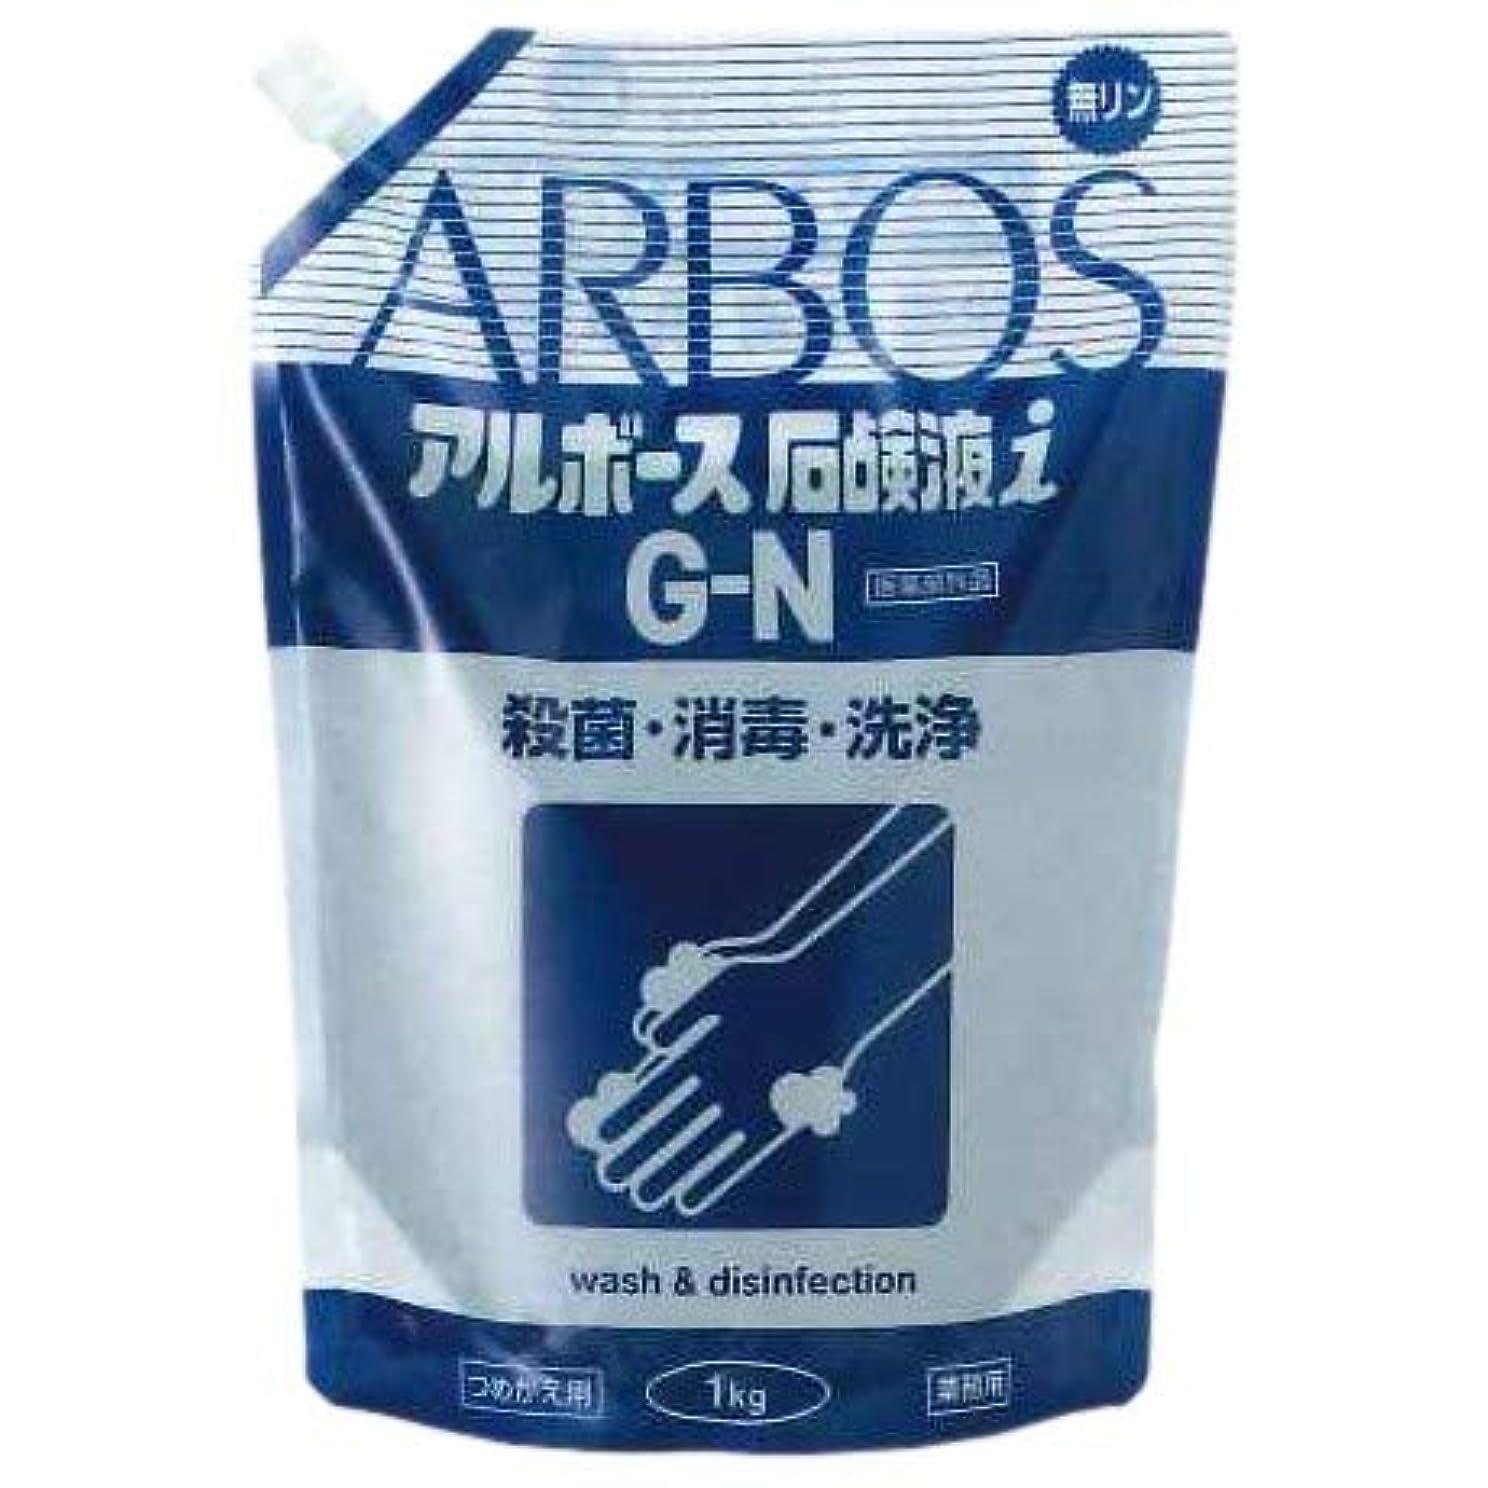 統治可能きらめき学士アルボース 薬用ハンドソープ アルボース石鹸液i G-N 濃縮タイプ 1kg×18袋